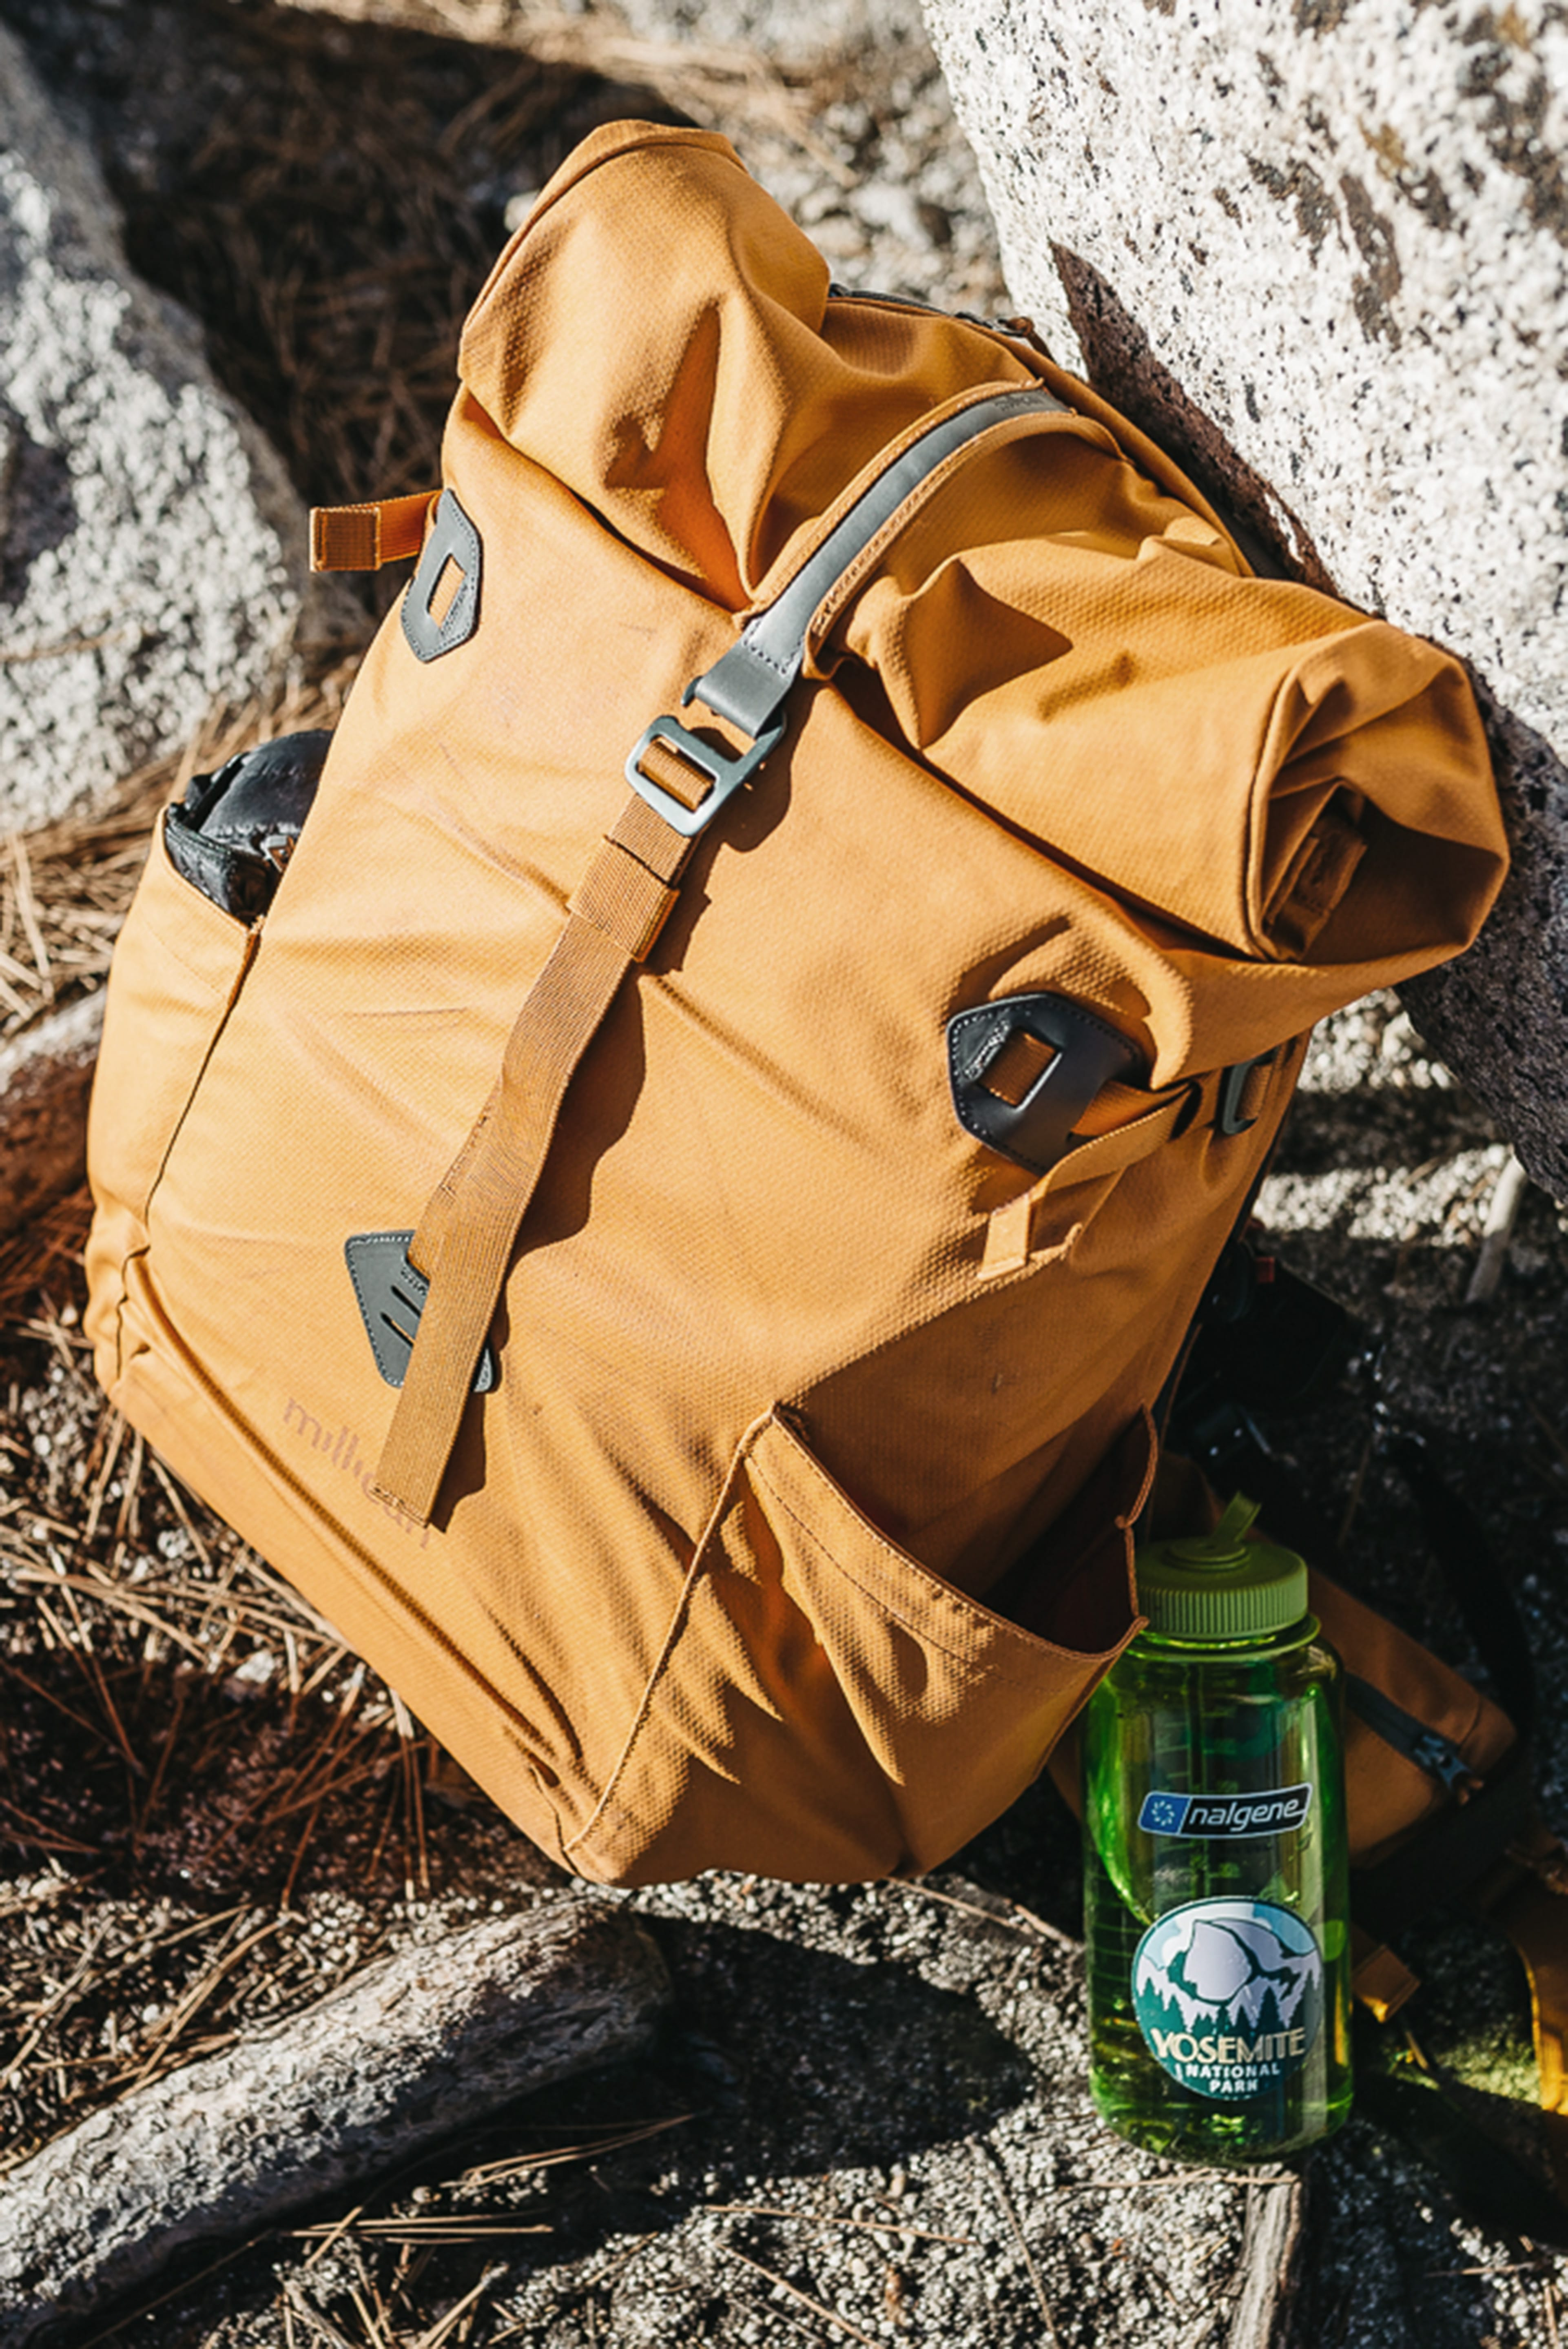 Millican backpack & Nalgene